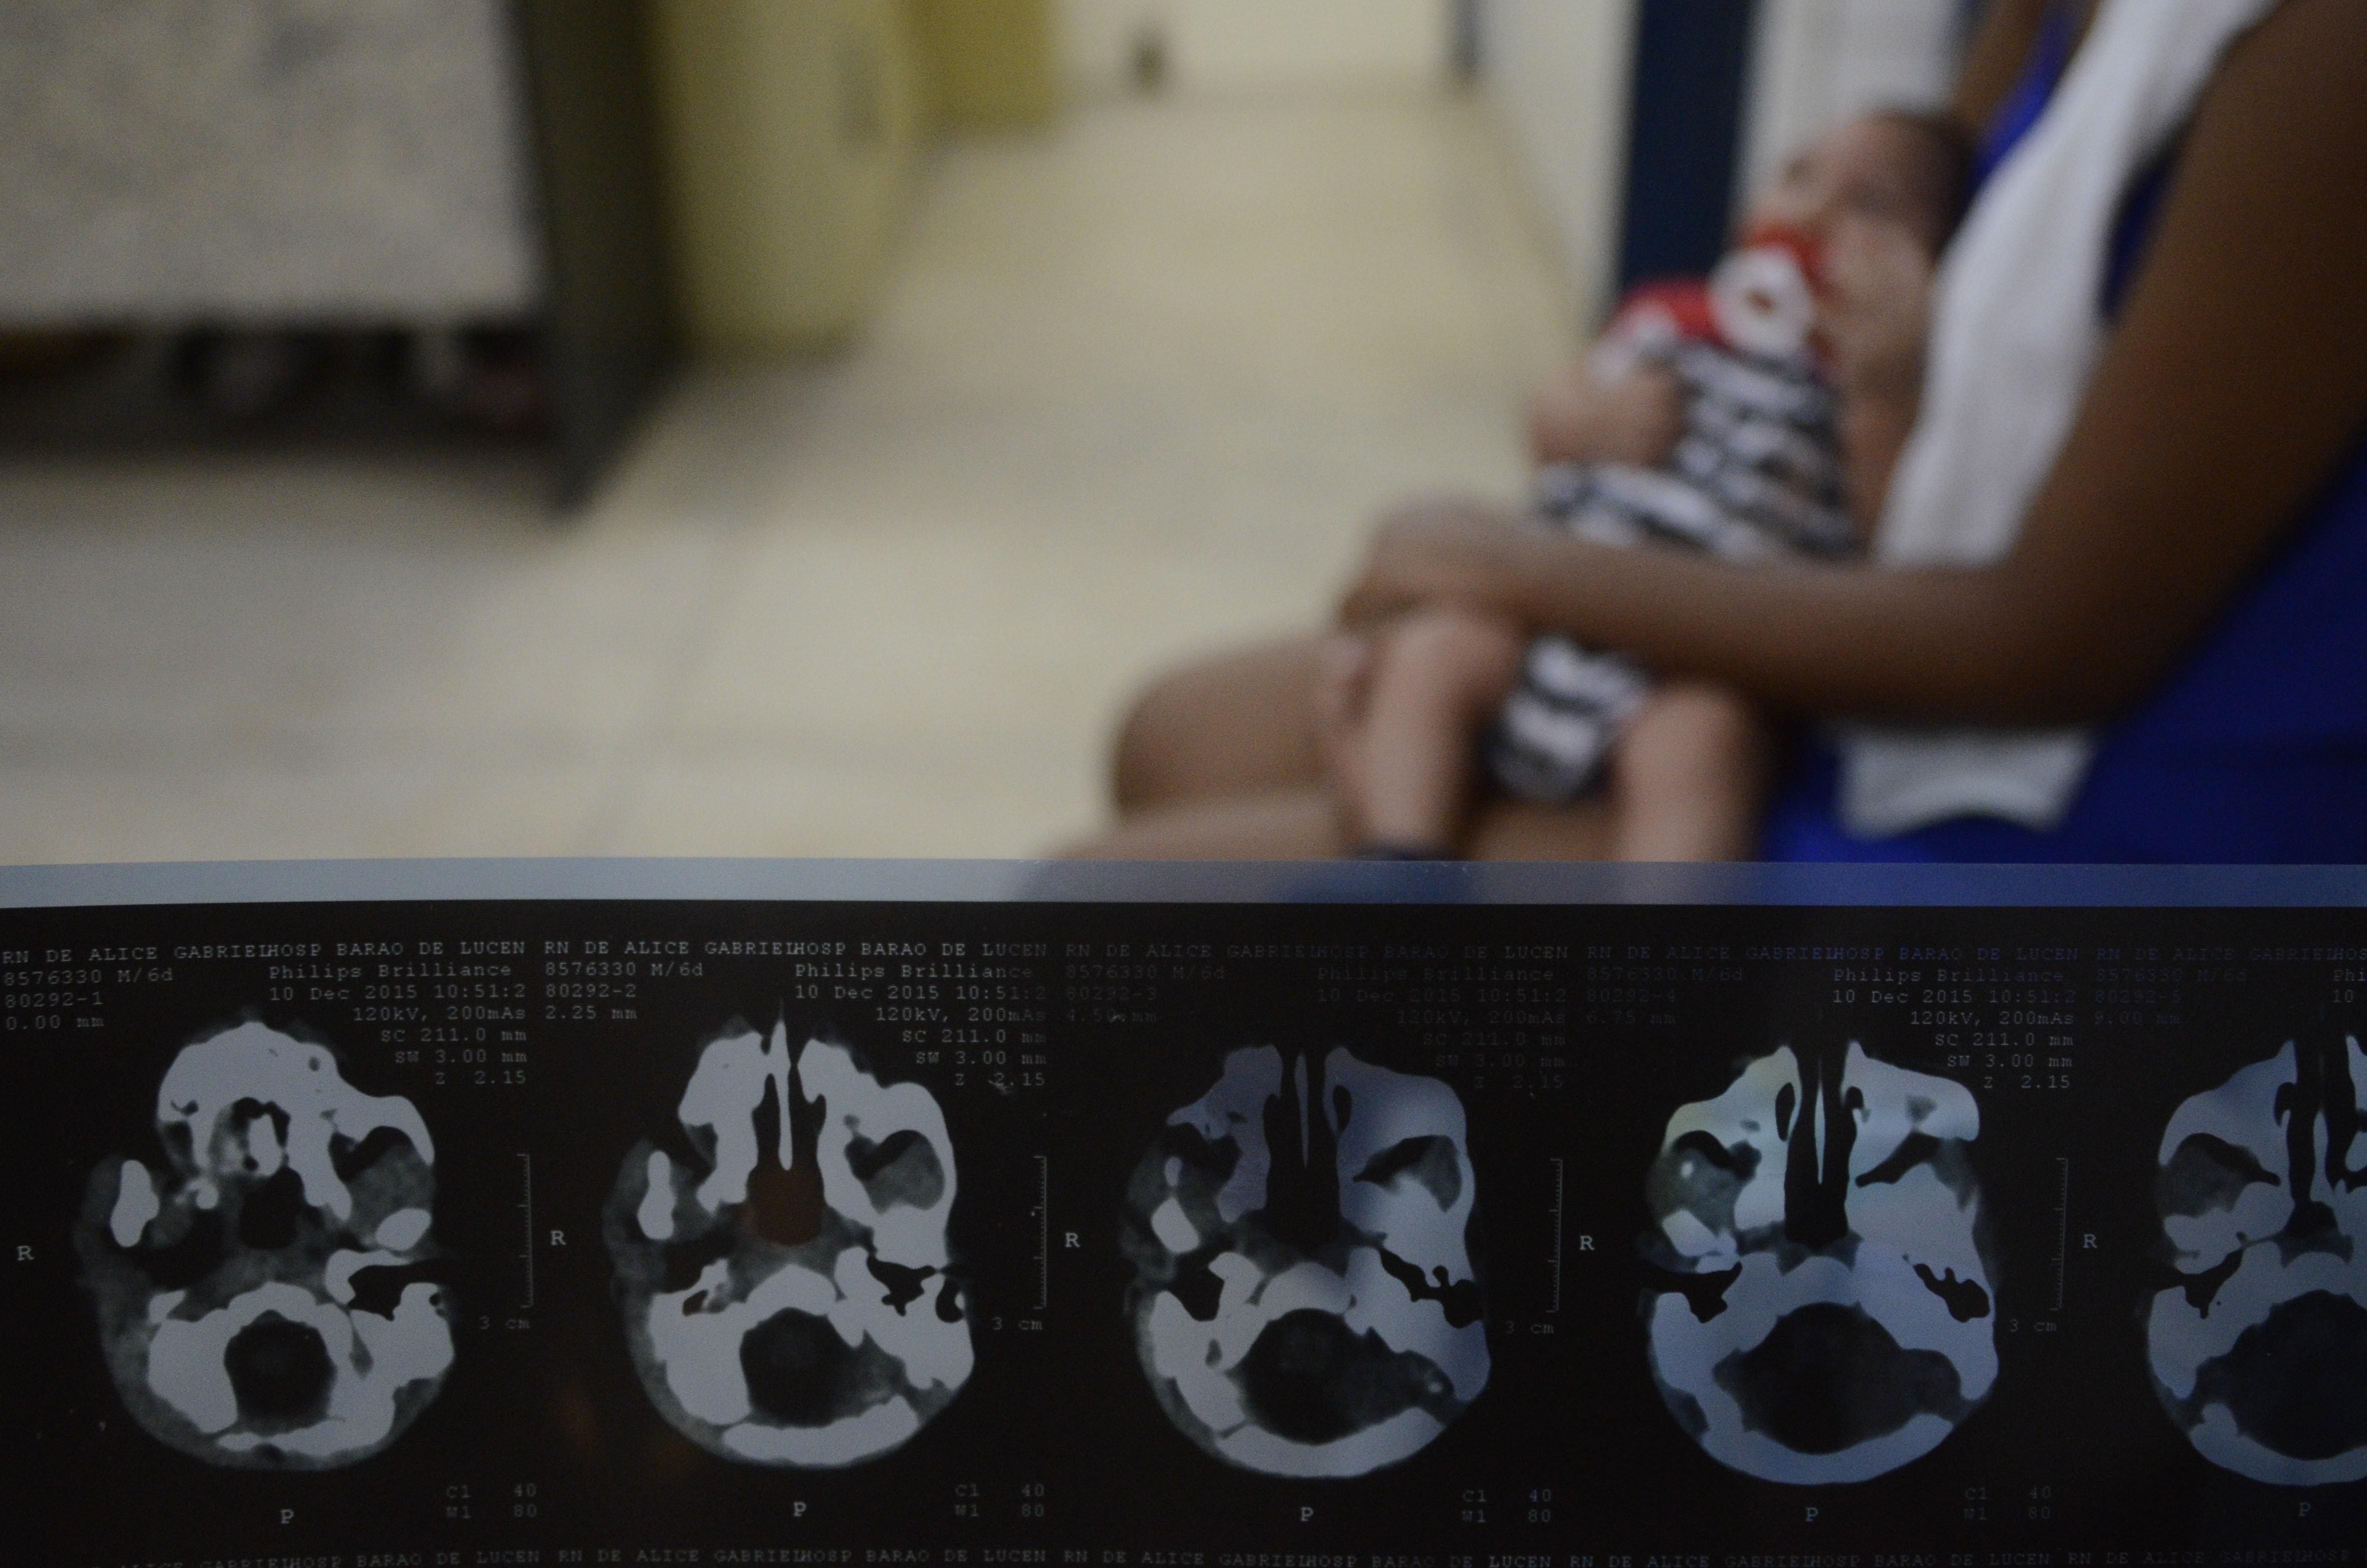 RECIFE, BRAZIL - FEBRUARY 01: Detail of X-Rays of João Heitor baby born with microcephaly at Oswaldo Cruz Hospital on